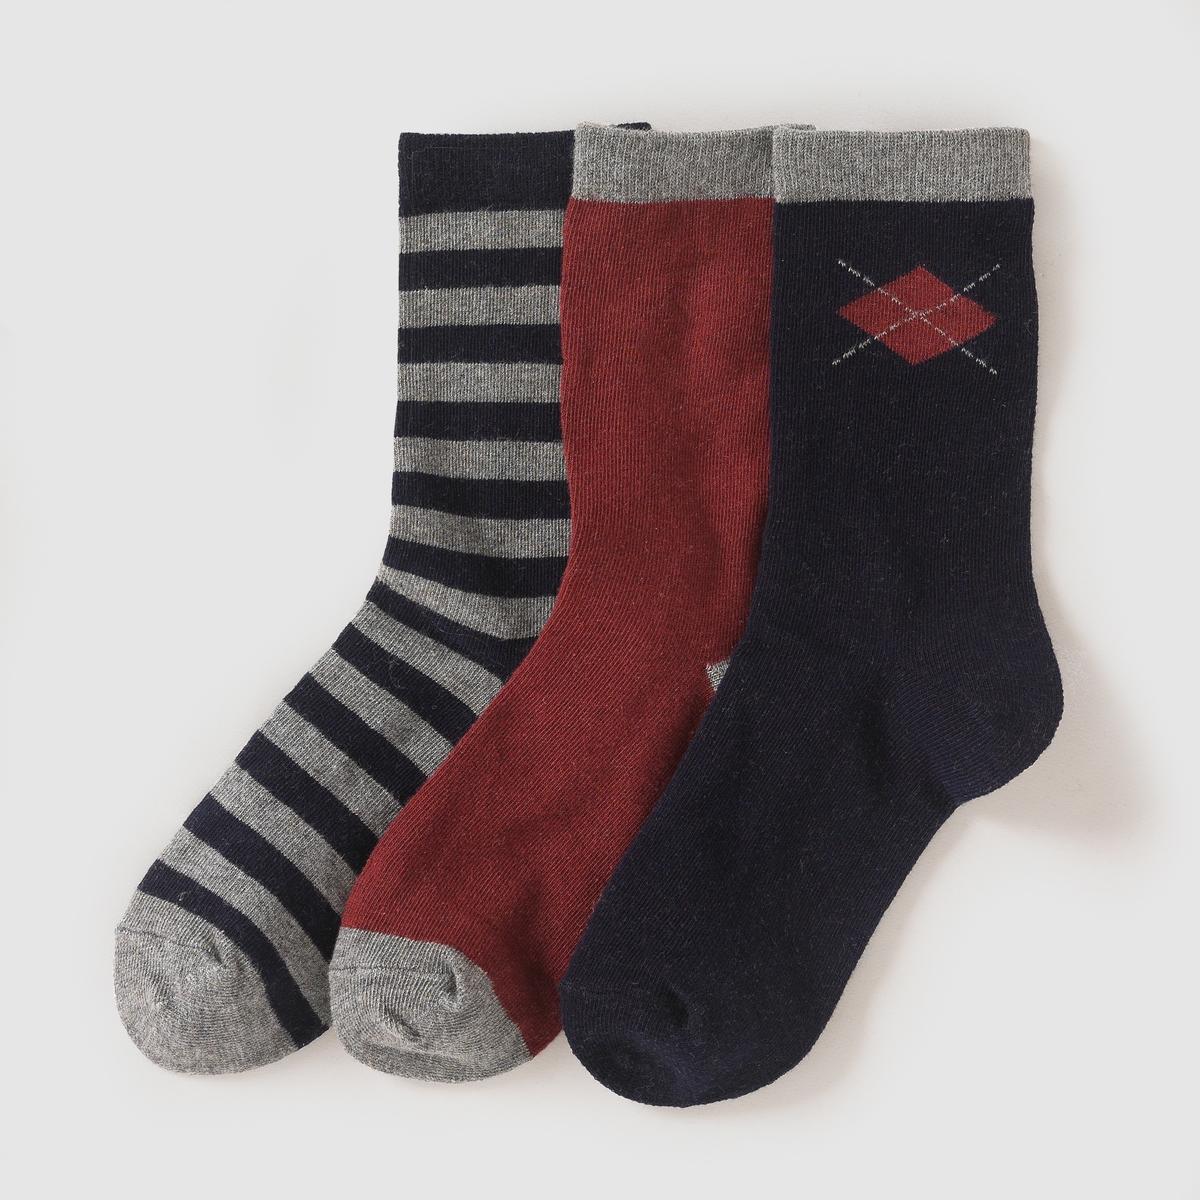 3 пары коротких носковОригинальные короткие носки в стиле преппи. Продаются комплектом, в комплекте 3 пары : 1 пара в полоску, 1 пара однотонная и 1 пара в клетку шотландка.  Состав и описание : Материал: 74% хлопка, 25% полиамида, 1% эластана.Марка       abcdRУход :Машинная стирка при 30 °C с вещами схожих цветов.Стирать, предварительно вывернув на изнанку.Машинная сушка запрещена.Не гладить.<br><br>Цвет: темно-синий + серый + бордовый